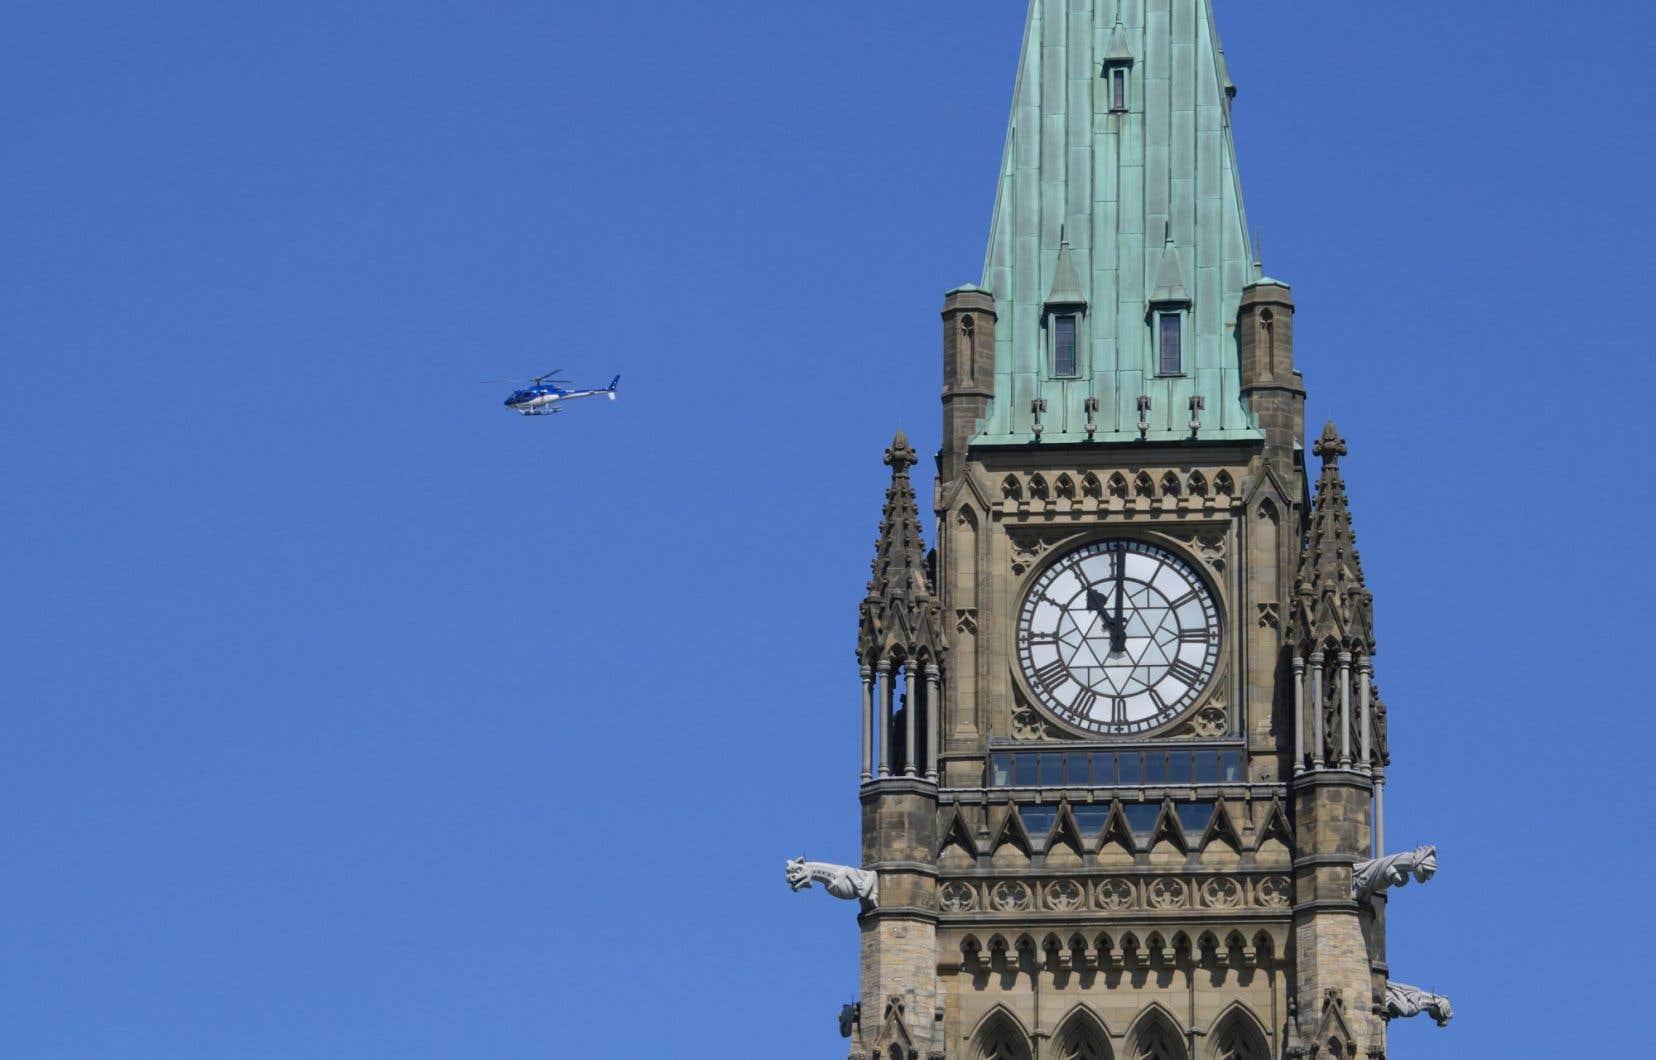 Le carillon d'Ottawa se distingue de Big Ben du fait qu'il compte 53 cloches, contre seulement 5 à Londres.